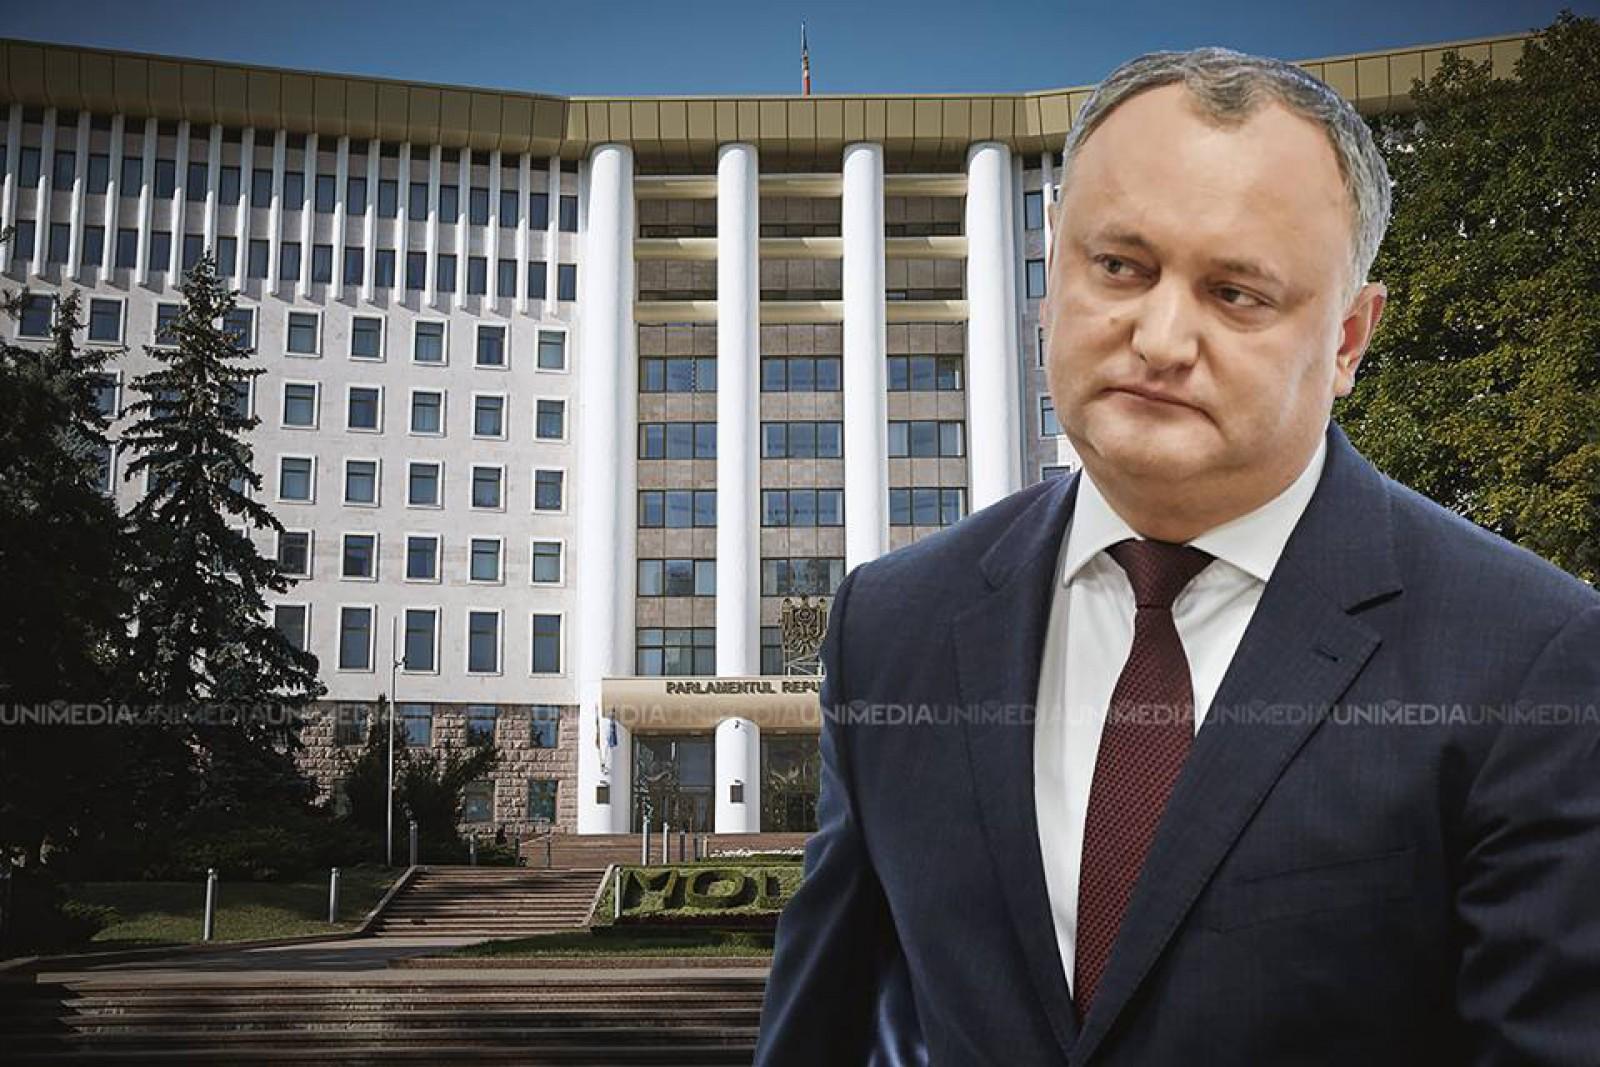 (video) Parlamentul a sesizat Curtea Constituțională, după ce Igor Dodon a refuzat desemnarea candidaților la funcțiile de miniștri